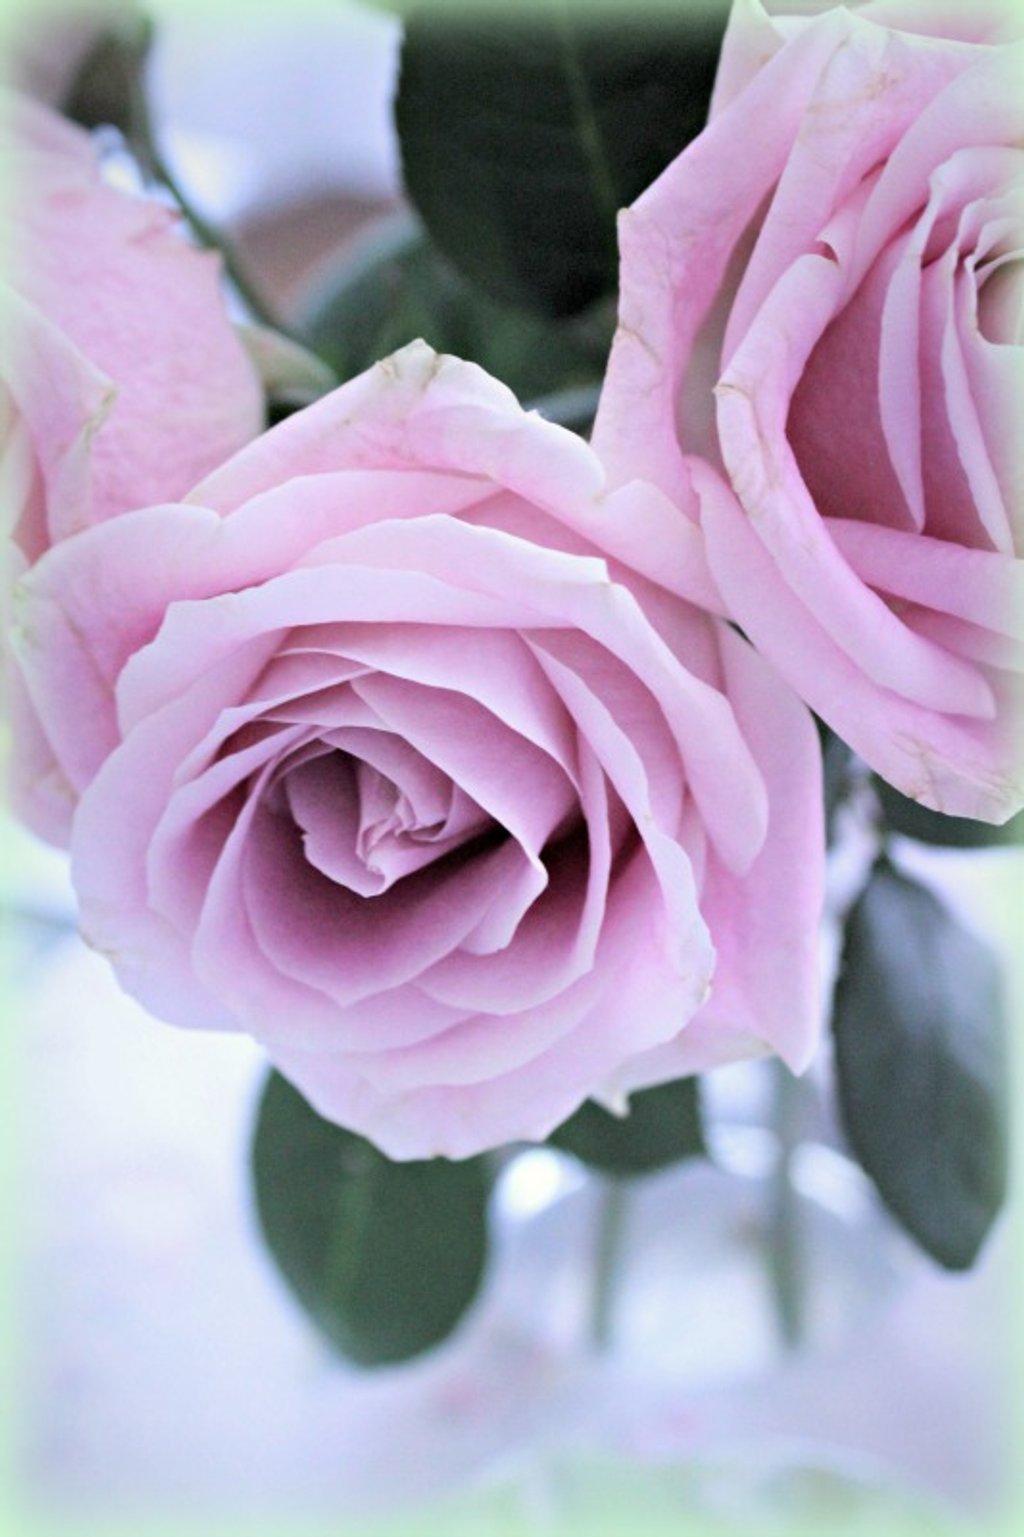 Pink Rose Again by deborahsimmerman